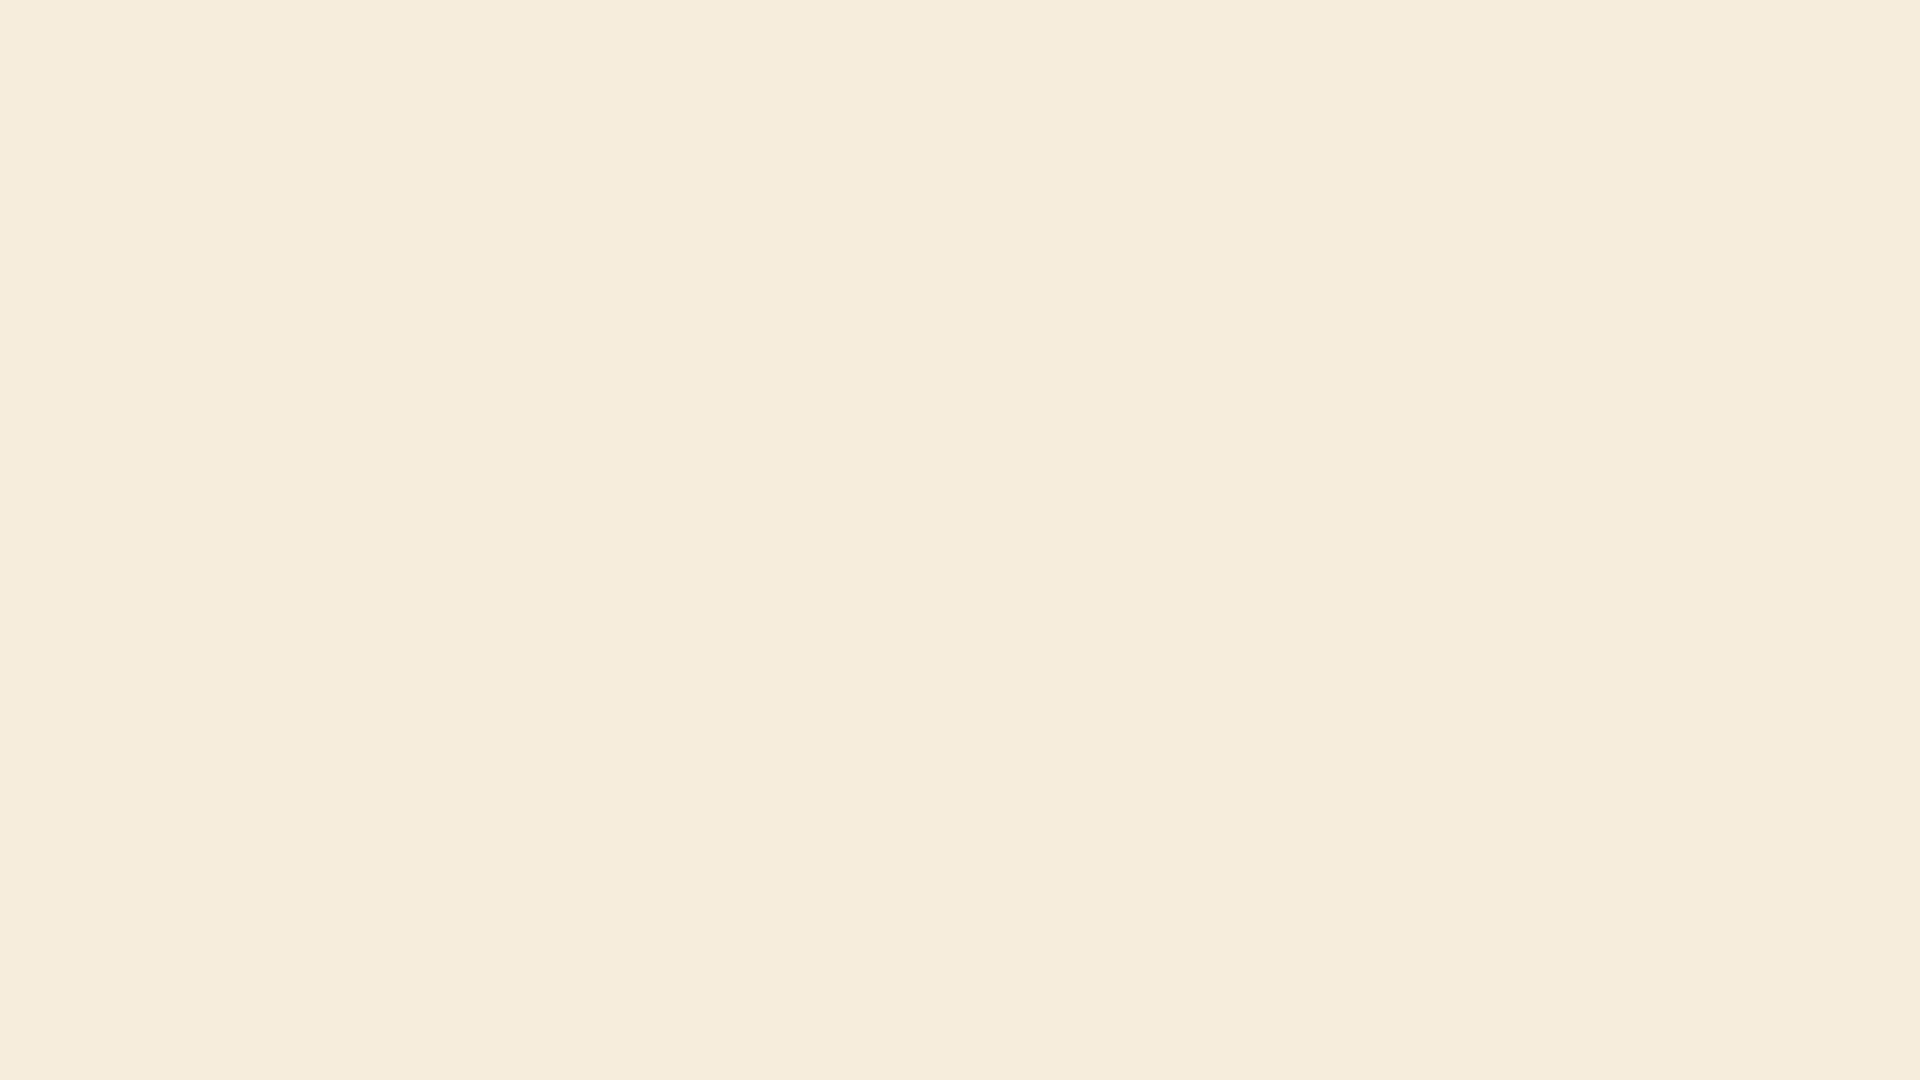 arnaud-optique-default-1920x1080